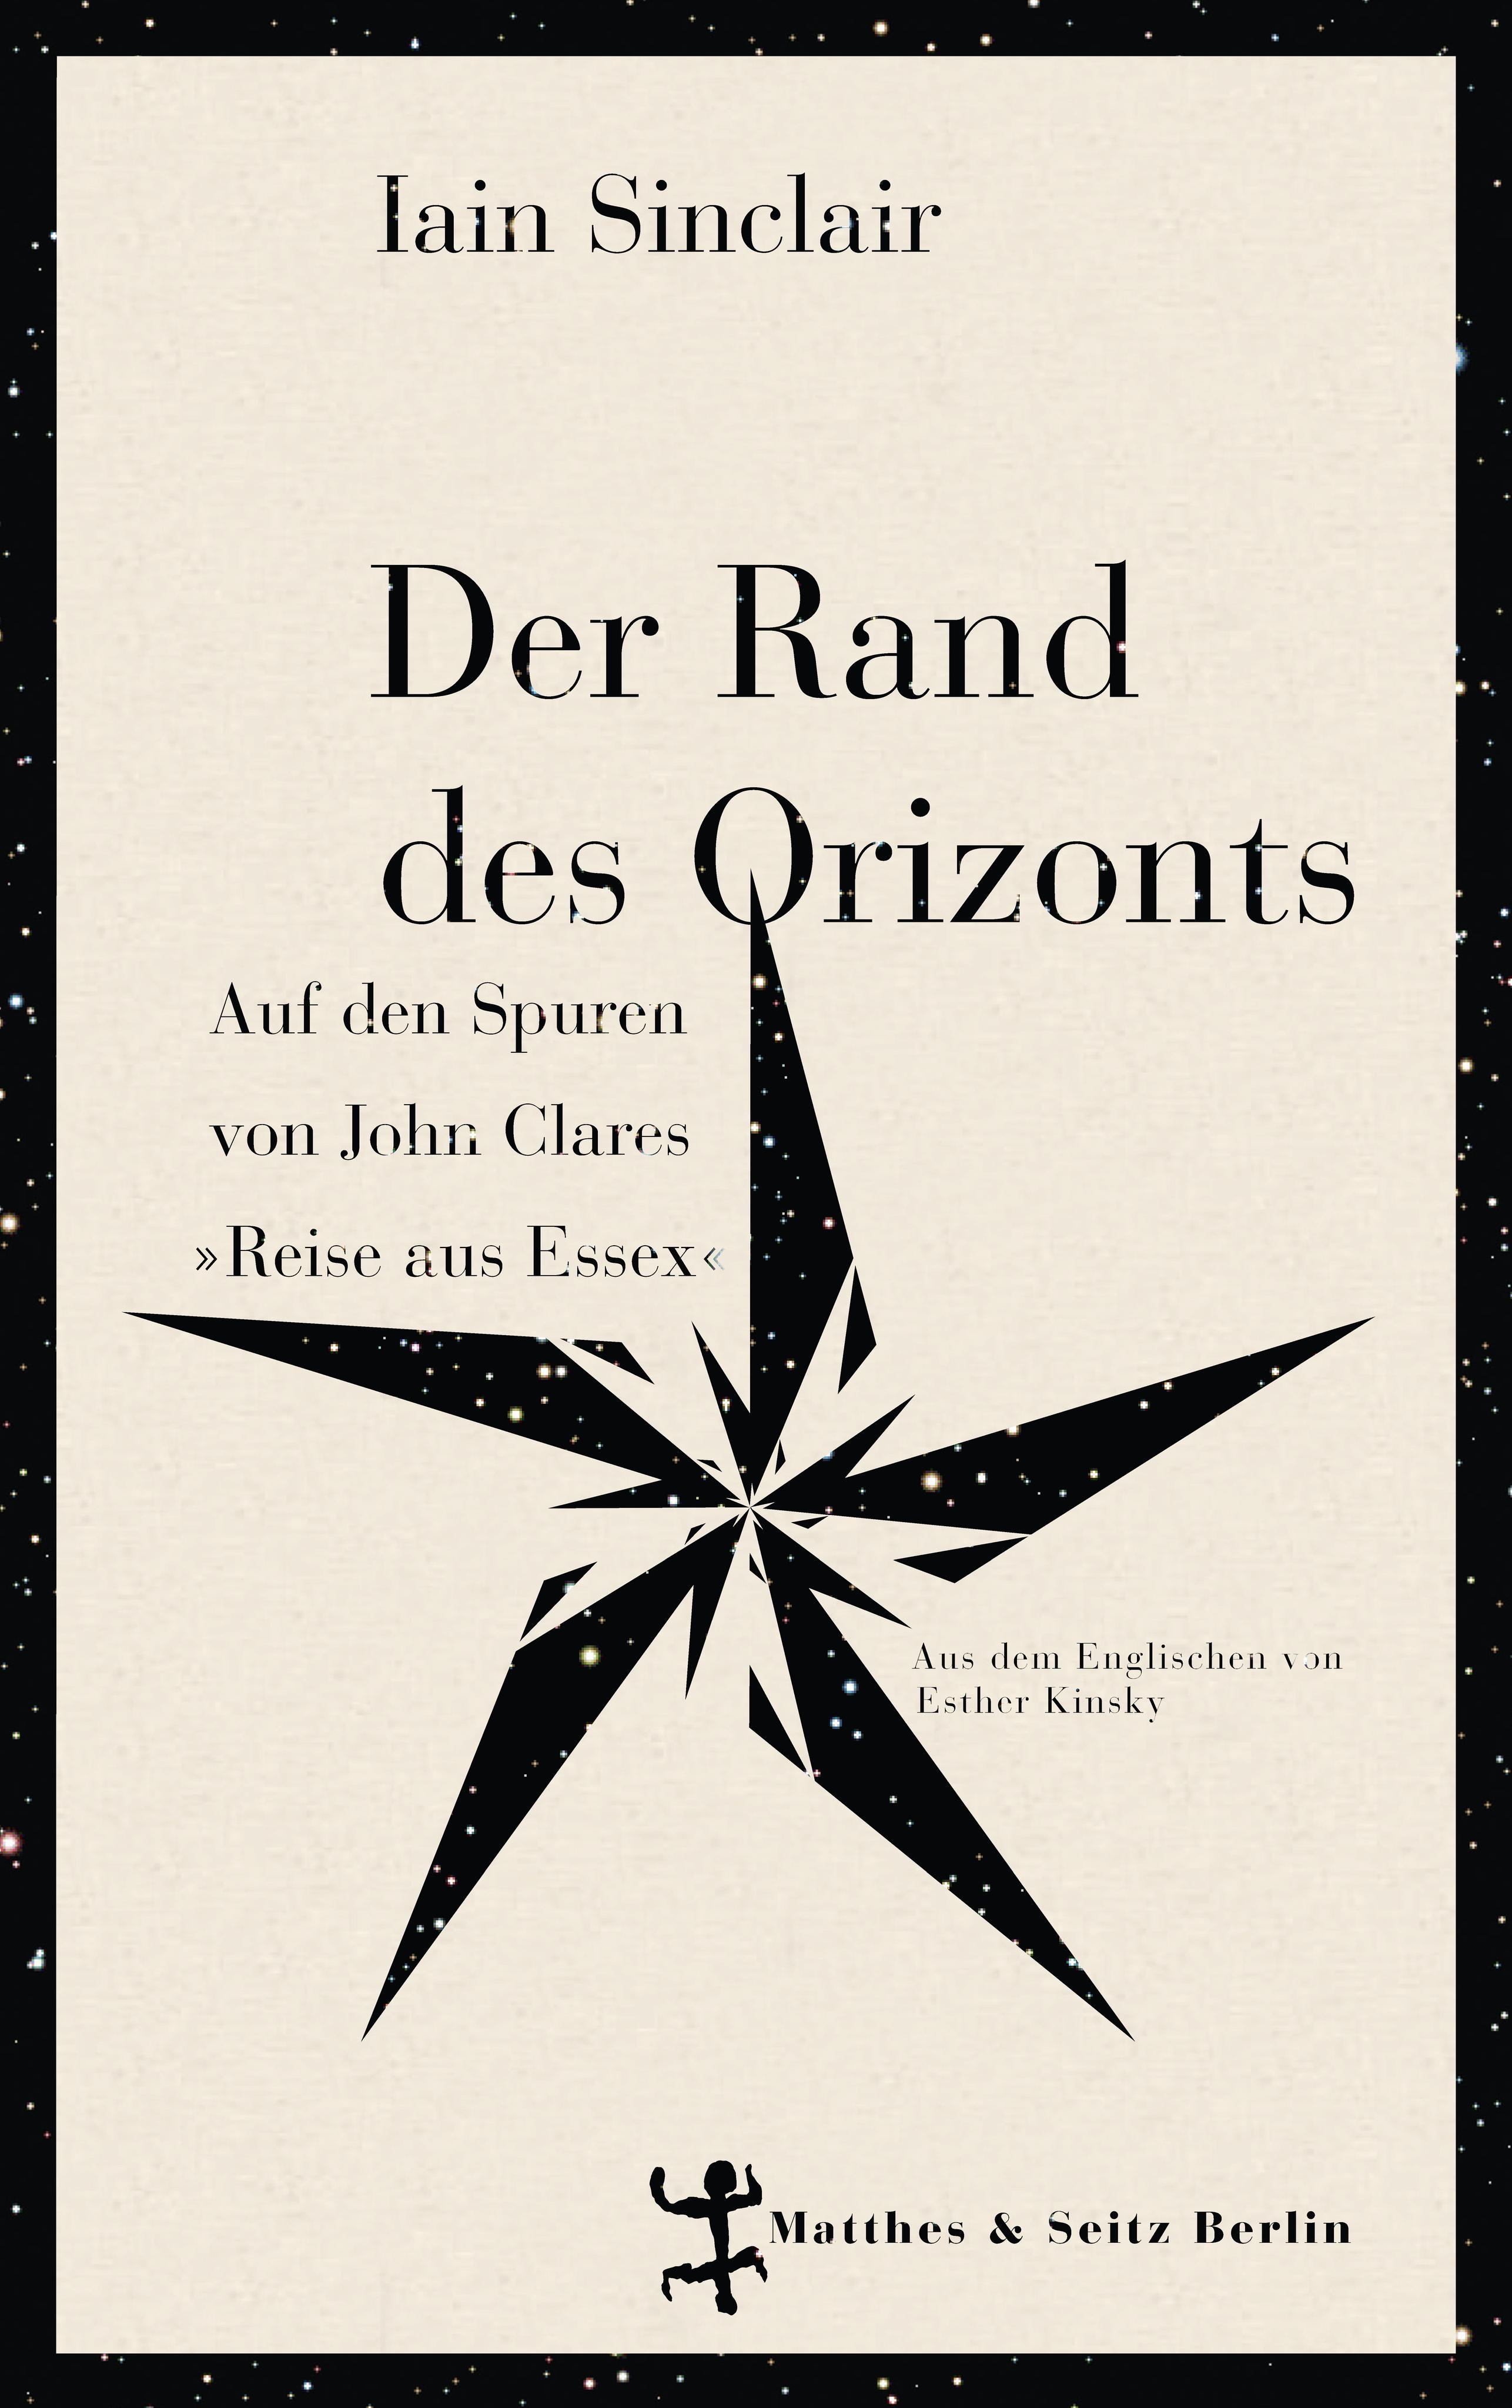 Der-Rand-des-Orizonts-Iain-Sinclair